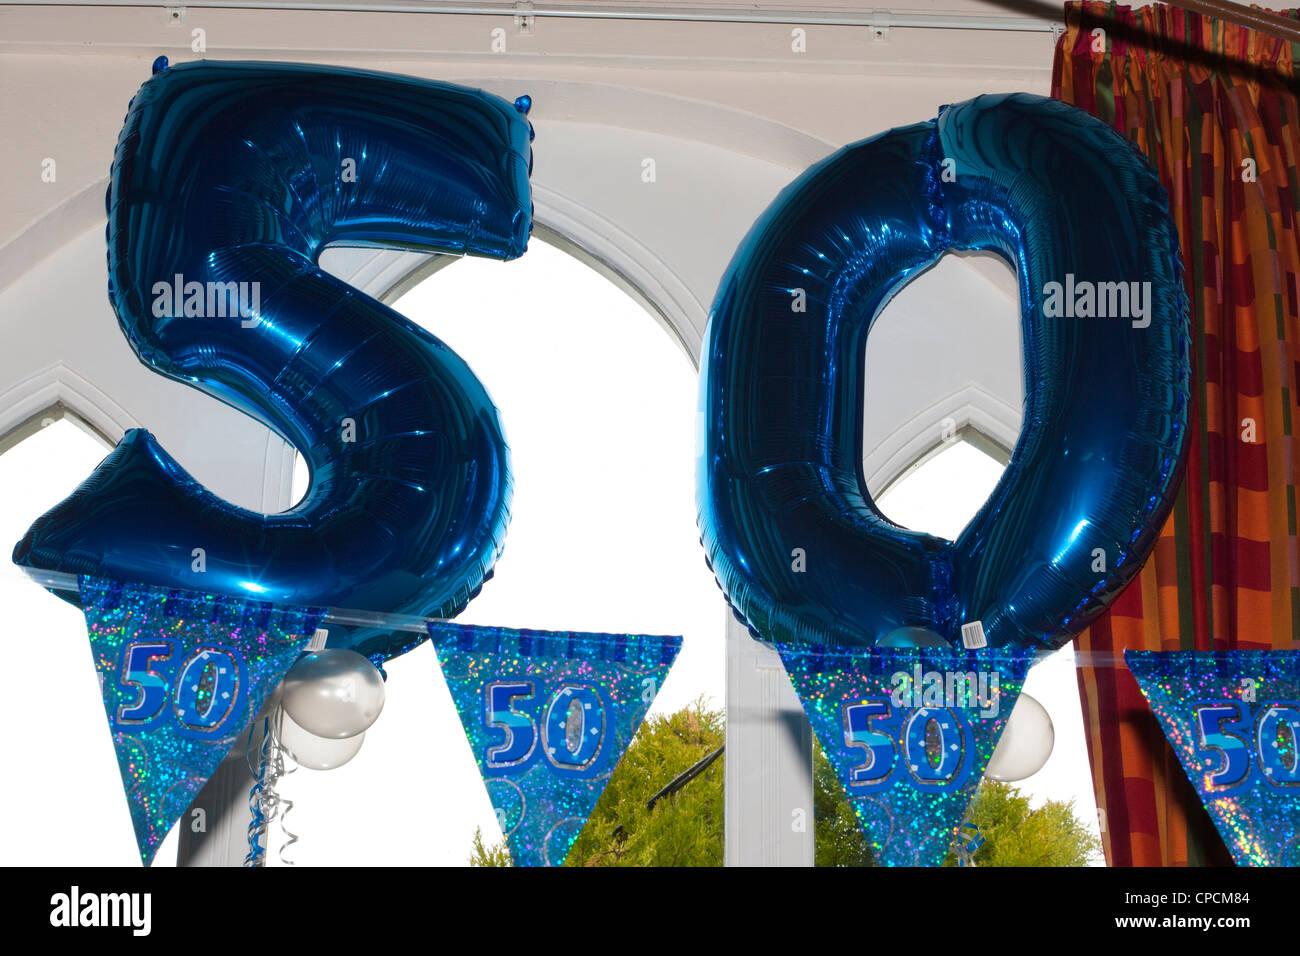 Fünfzig Feier Ballons (50. Geburtstag) Stockbild